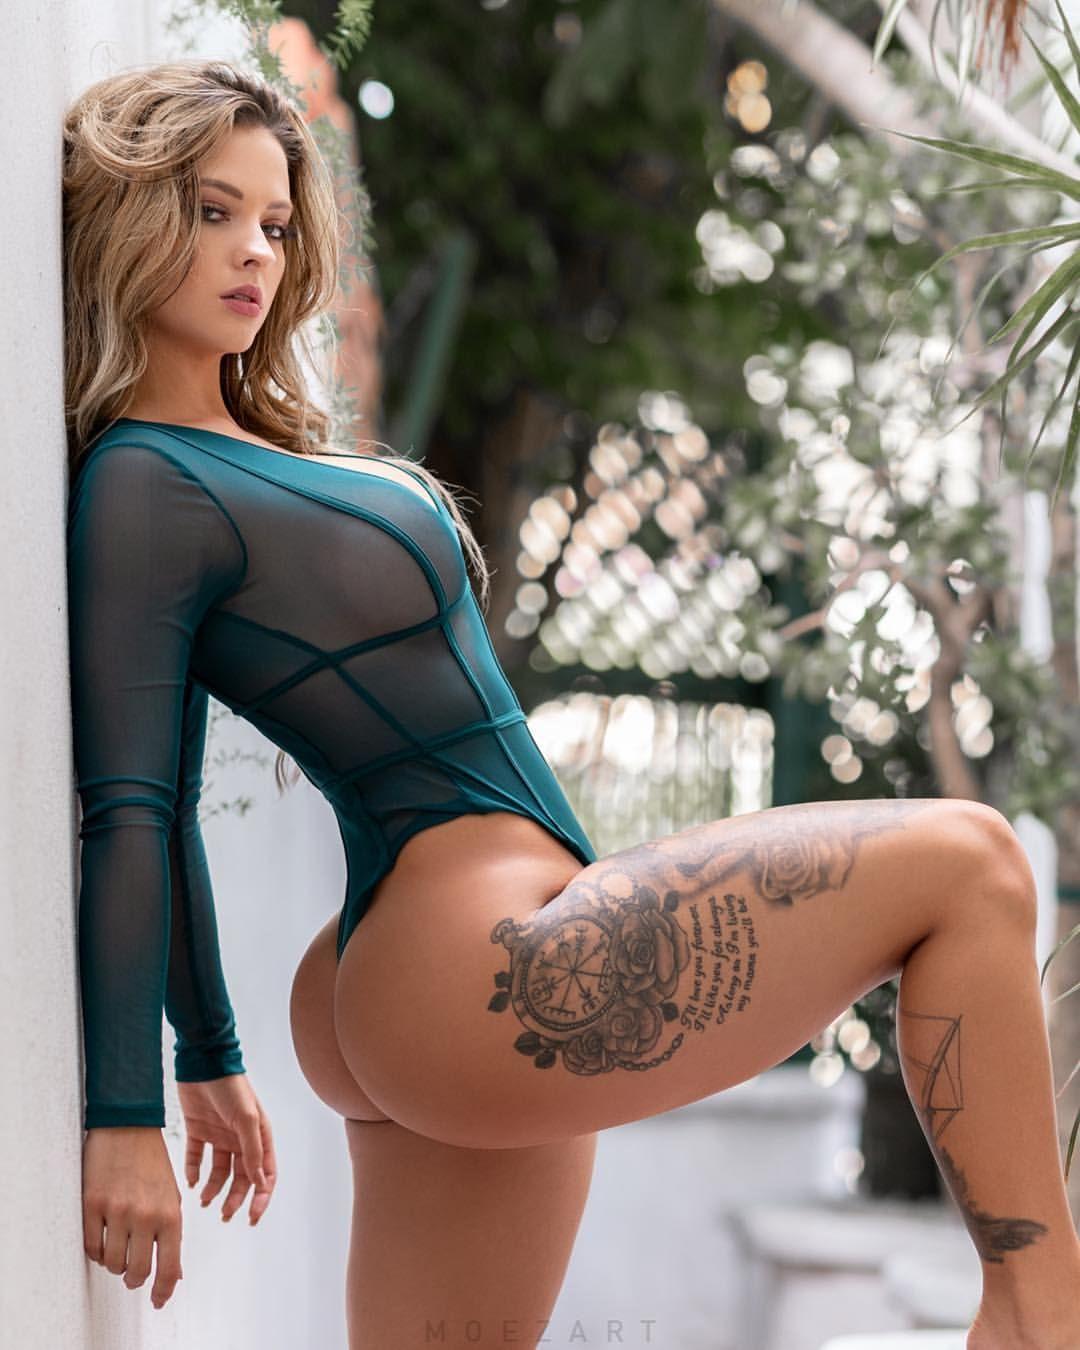 Девки в тату и бикини видео, фотосессии порнозвезд с большими жопами